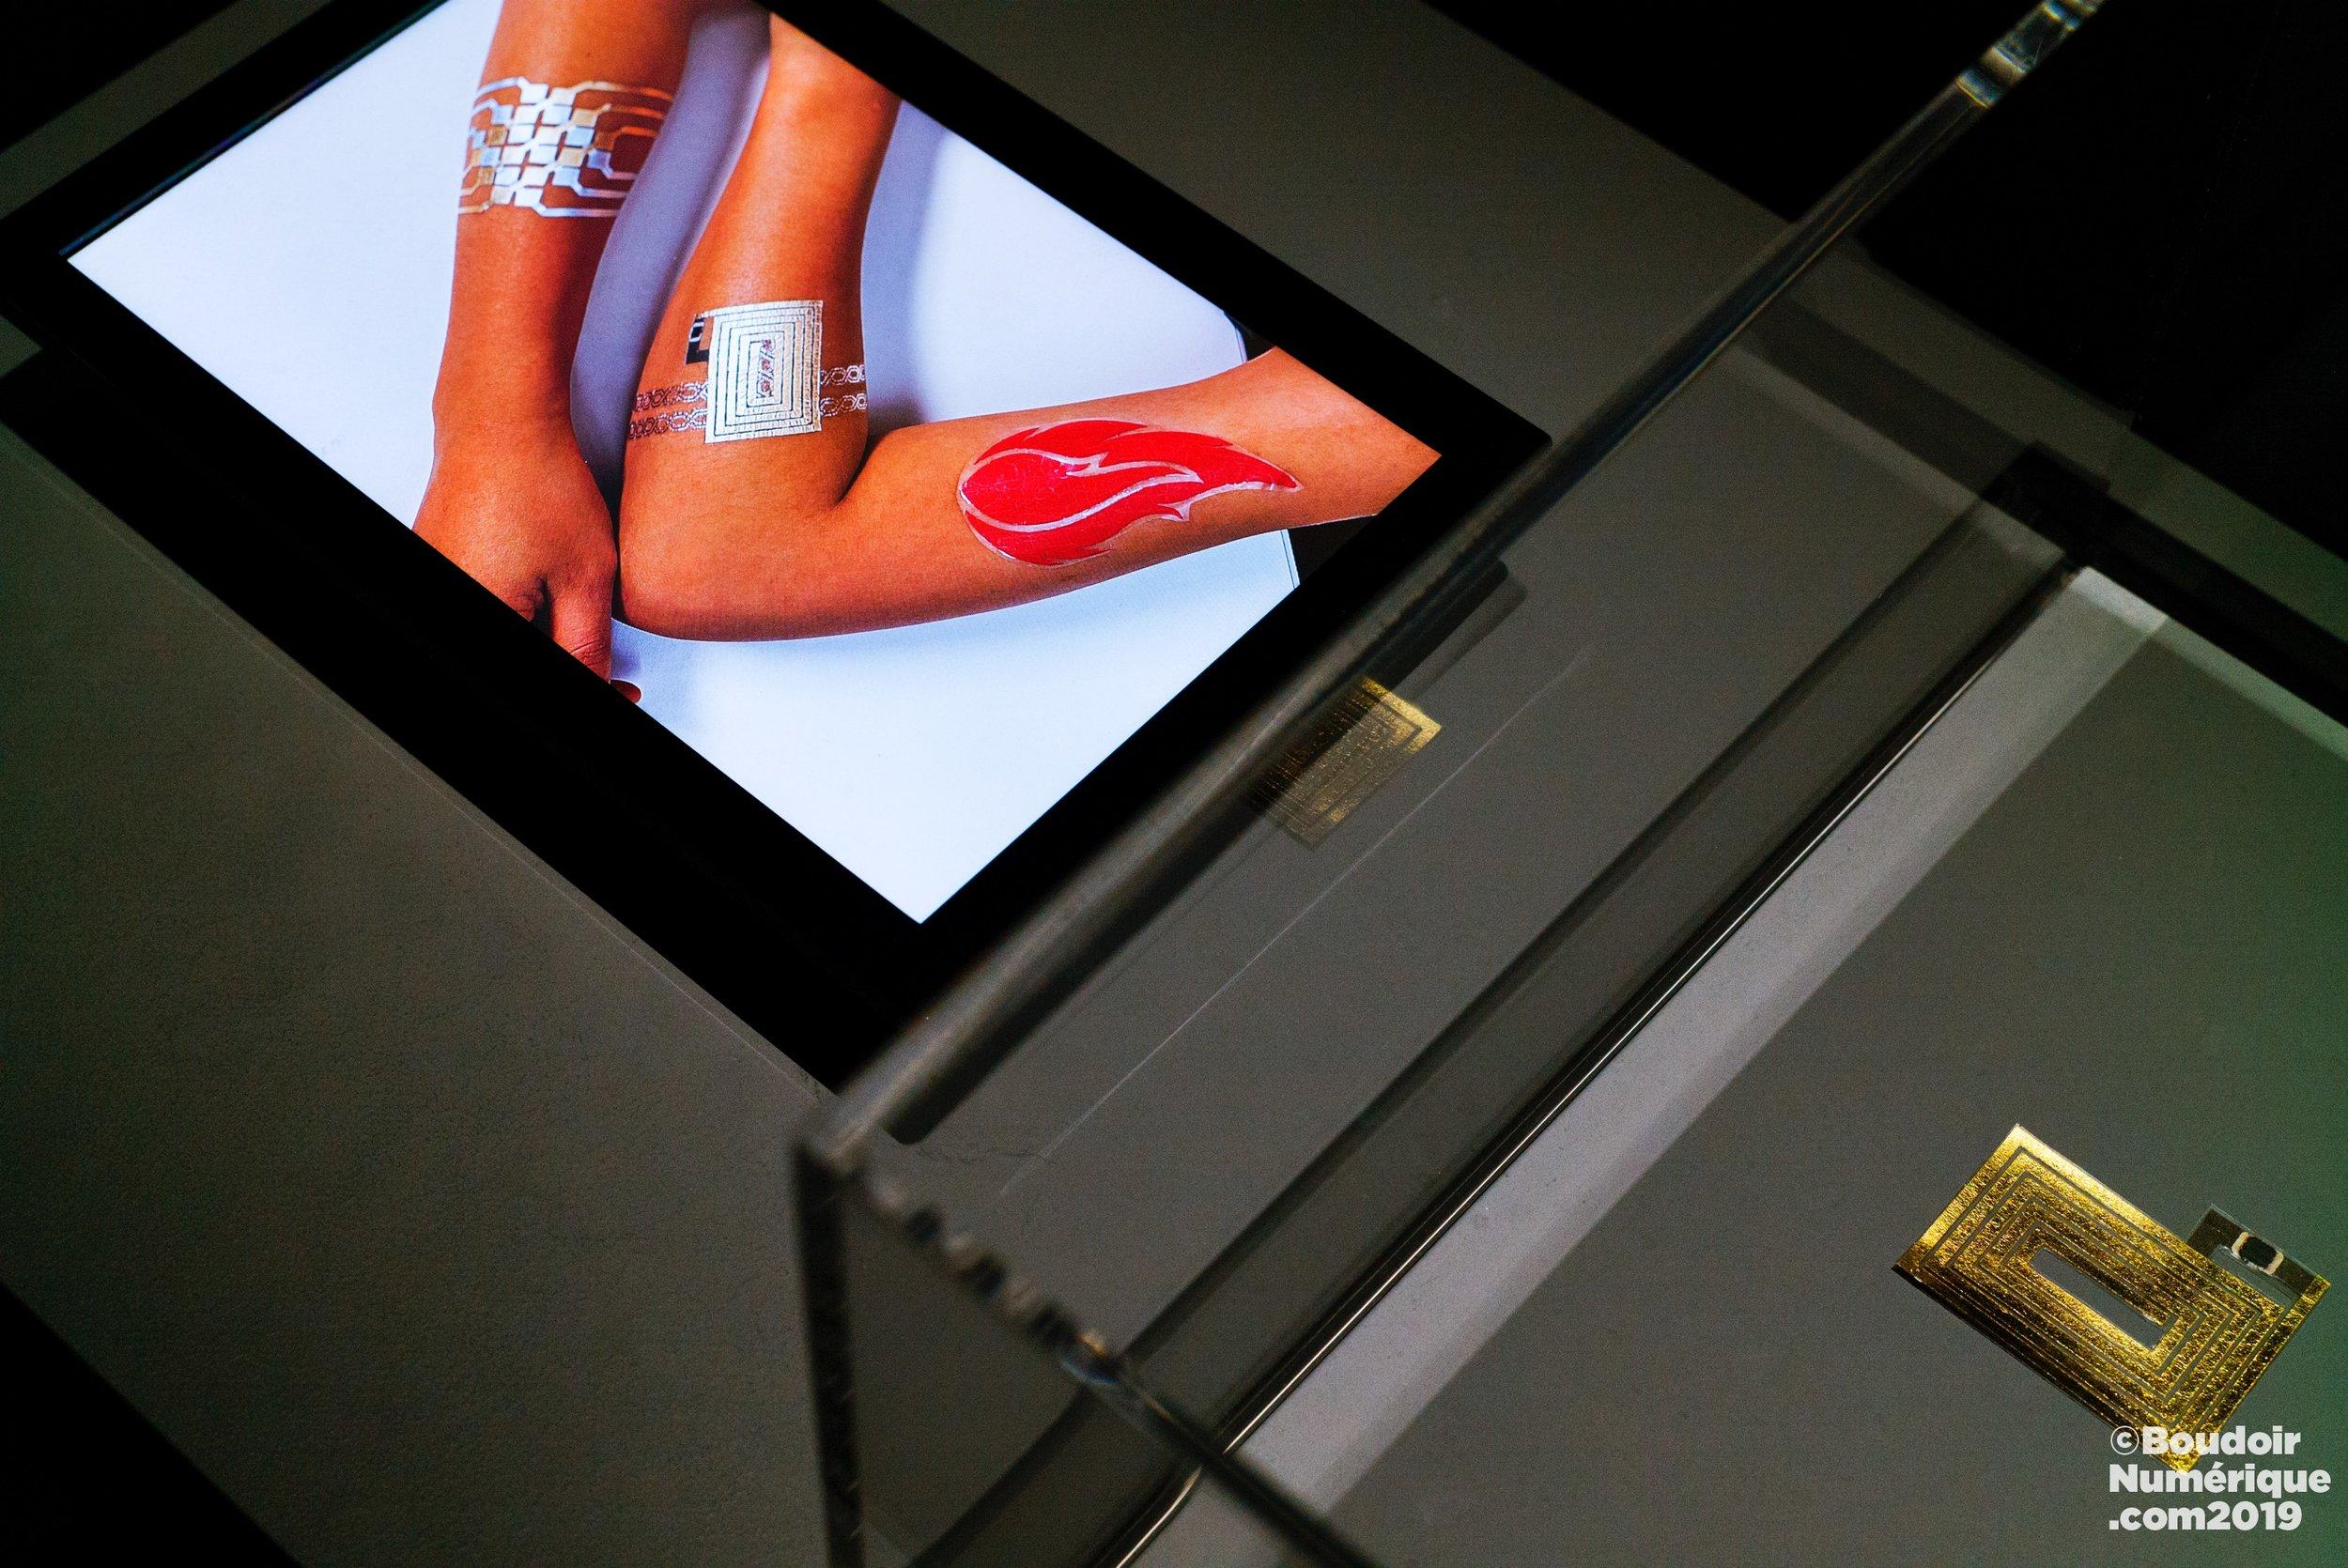 Tatouage connecté DuoSkin de Cindy Hsin-Liu Kao, en collaboration avec le MIT Media Lab (2016), présenté dans l'expo La Fabrique du vivant, au Centre Pompidou, à Paris (3 avril 2019)